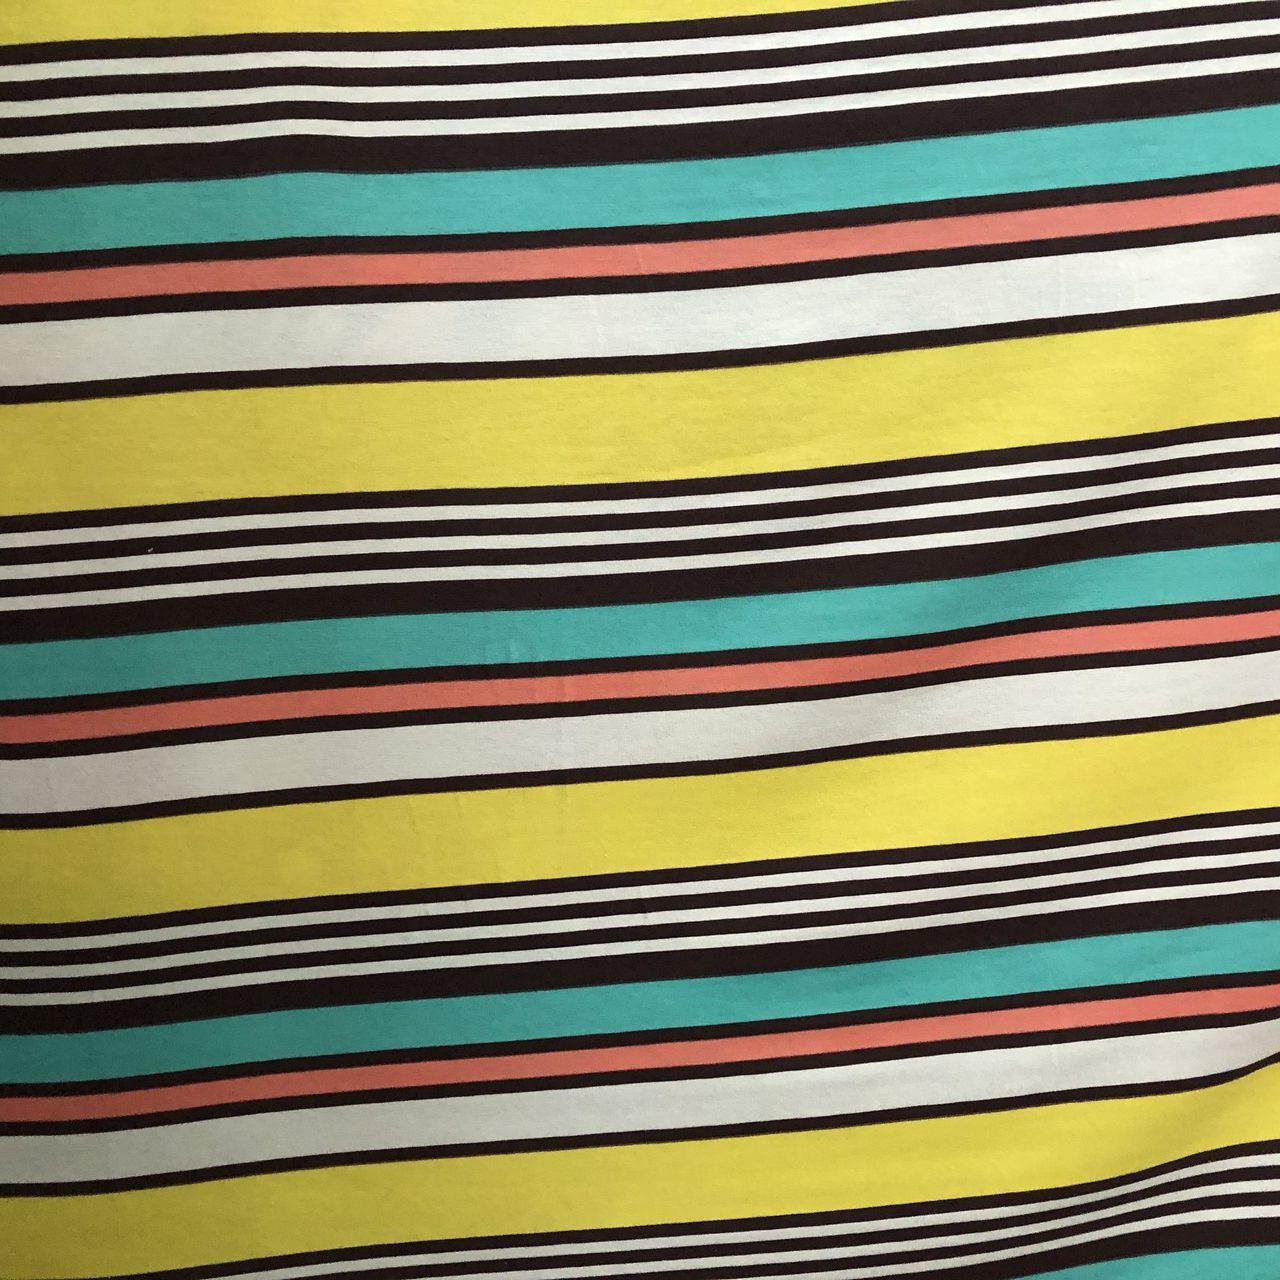 Tecido Malha Viscolycra  95%Viscose 5%Elastano Listrada Amarela/Verde/Rosa/Banca